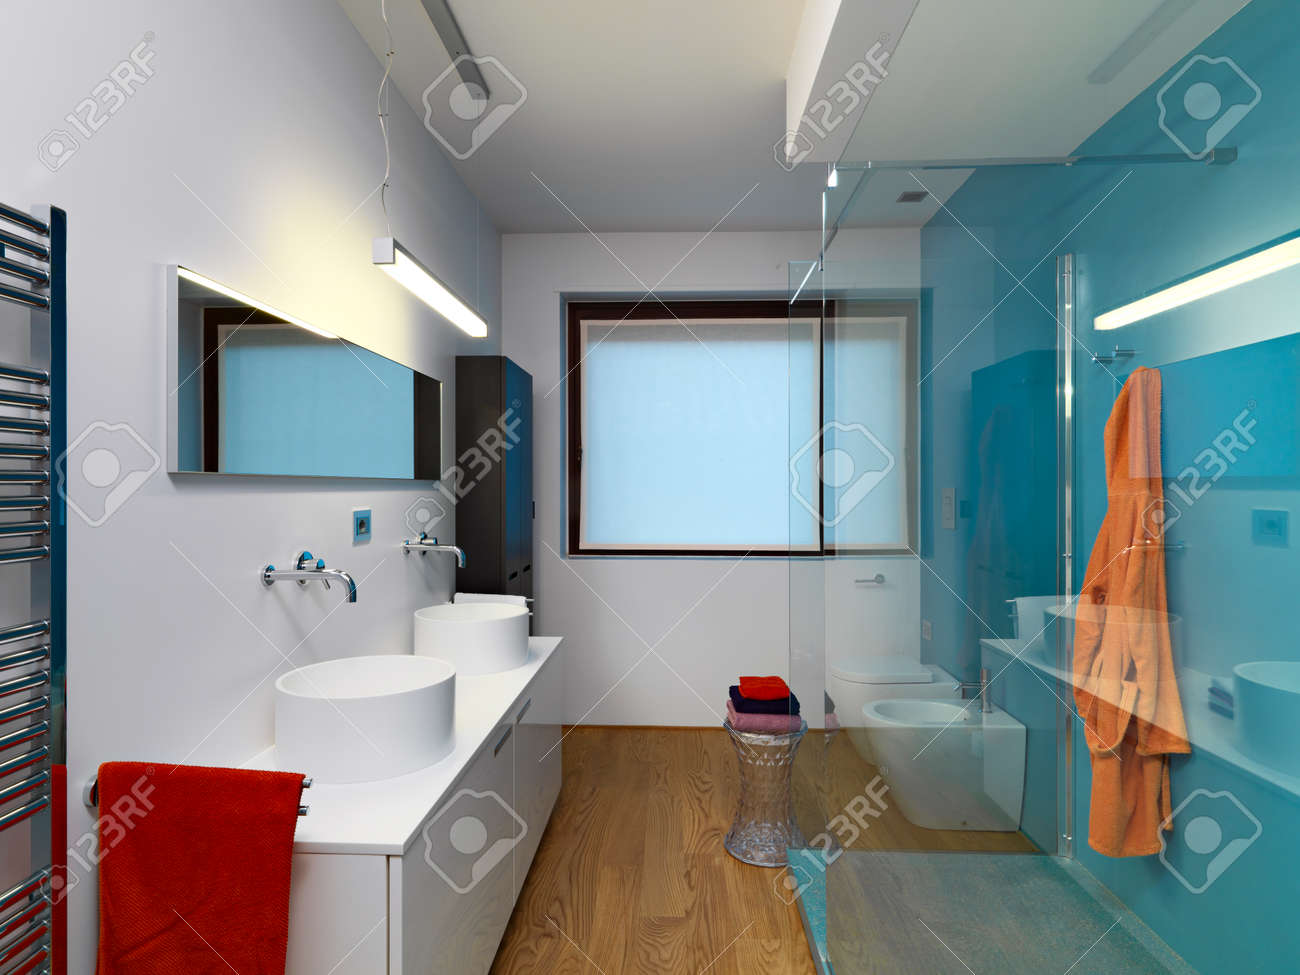 Vue Interieure D Une Salle De Bain Moderne Avec Deux Weshvasin